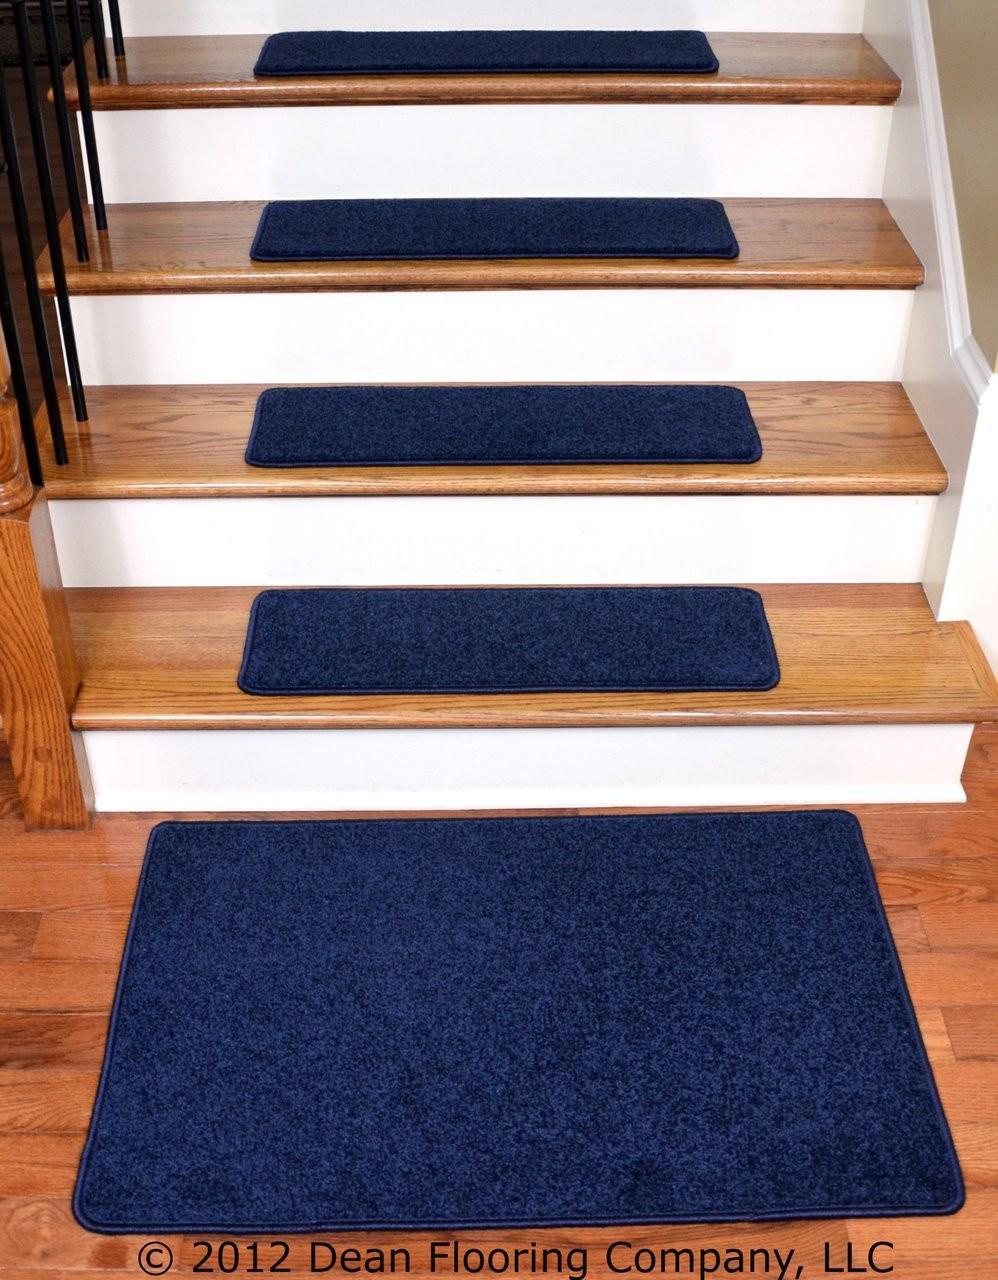 Dean Carpet Stair Treads 27 X 9 Navy Blue Plush 13 Plus A 2   Navy Blue Stair Treads   Wayfair   Non Slip   Longshore Tides   Rug Stair   Stair Runners